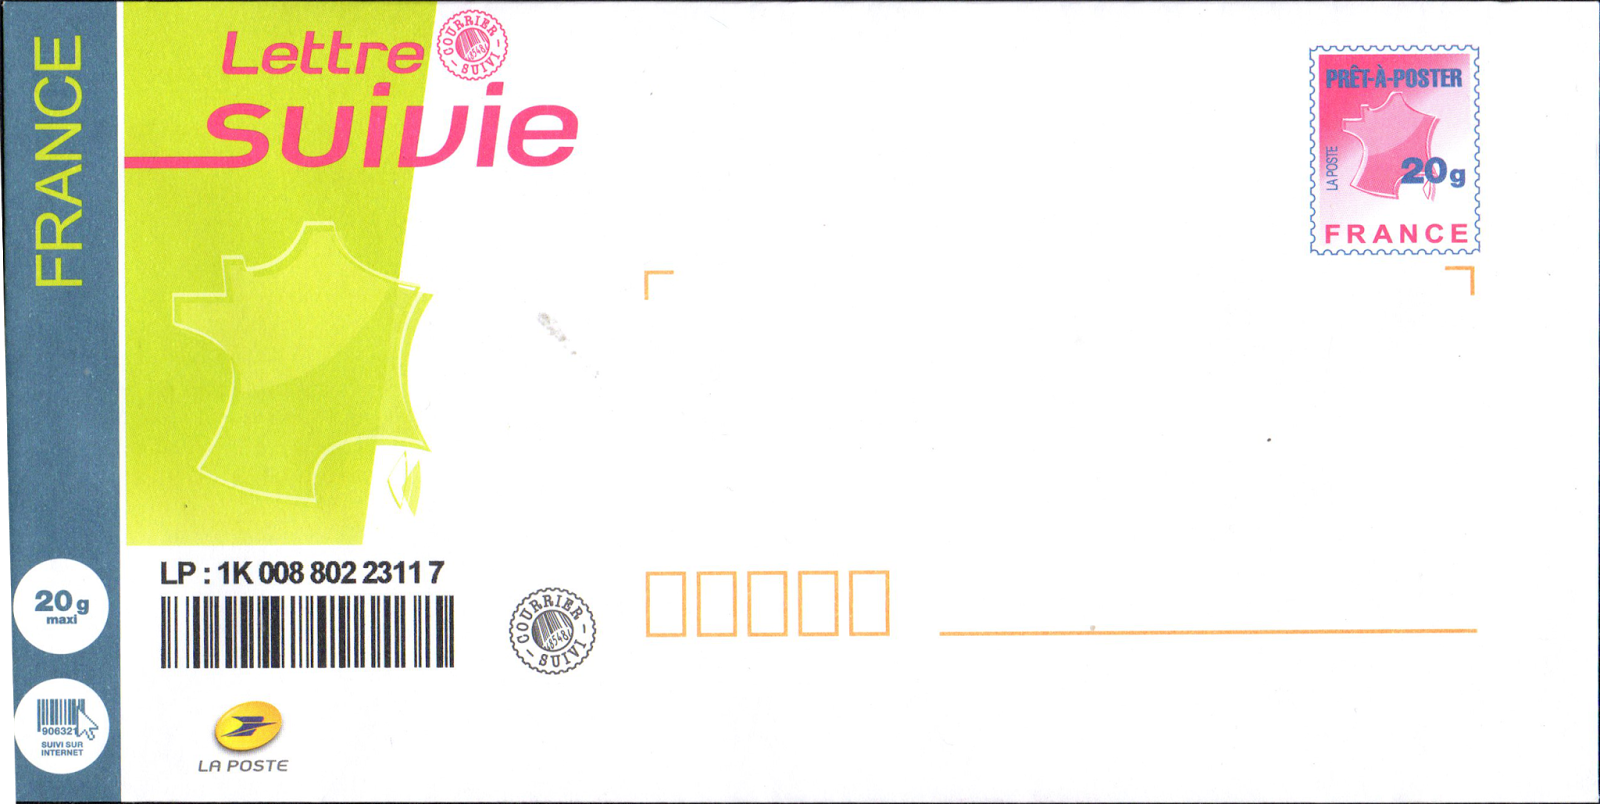 Libre service affranchissement actualit 2015 01 25 - Suivi de courrier la poste demenagement ...